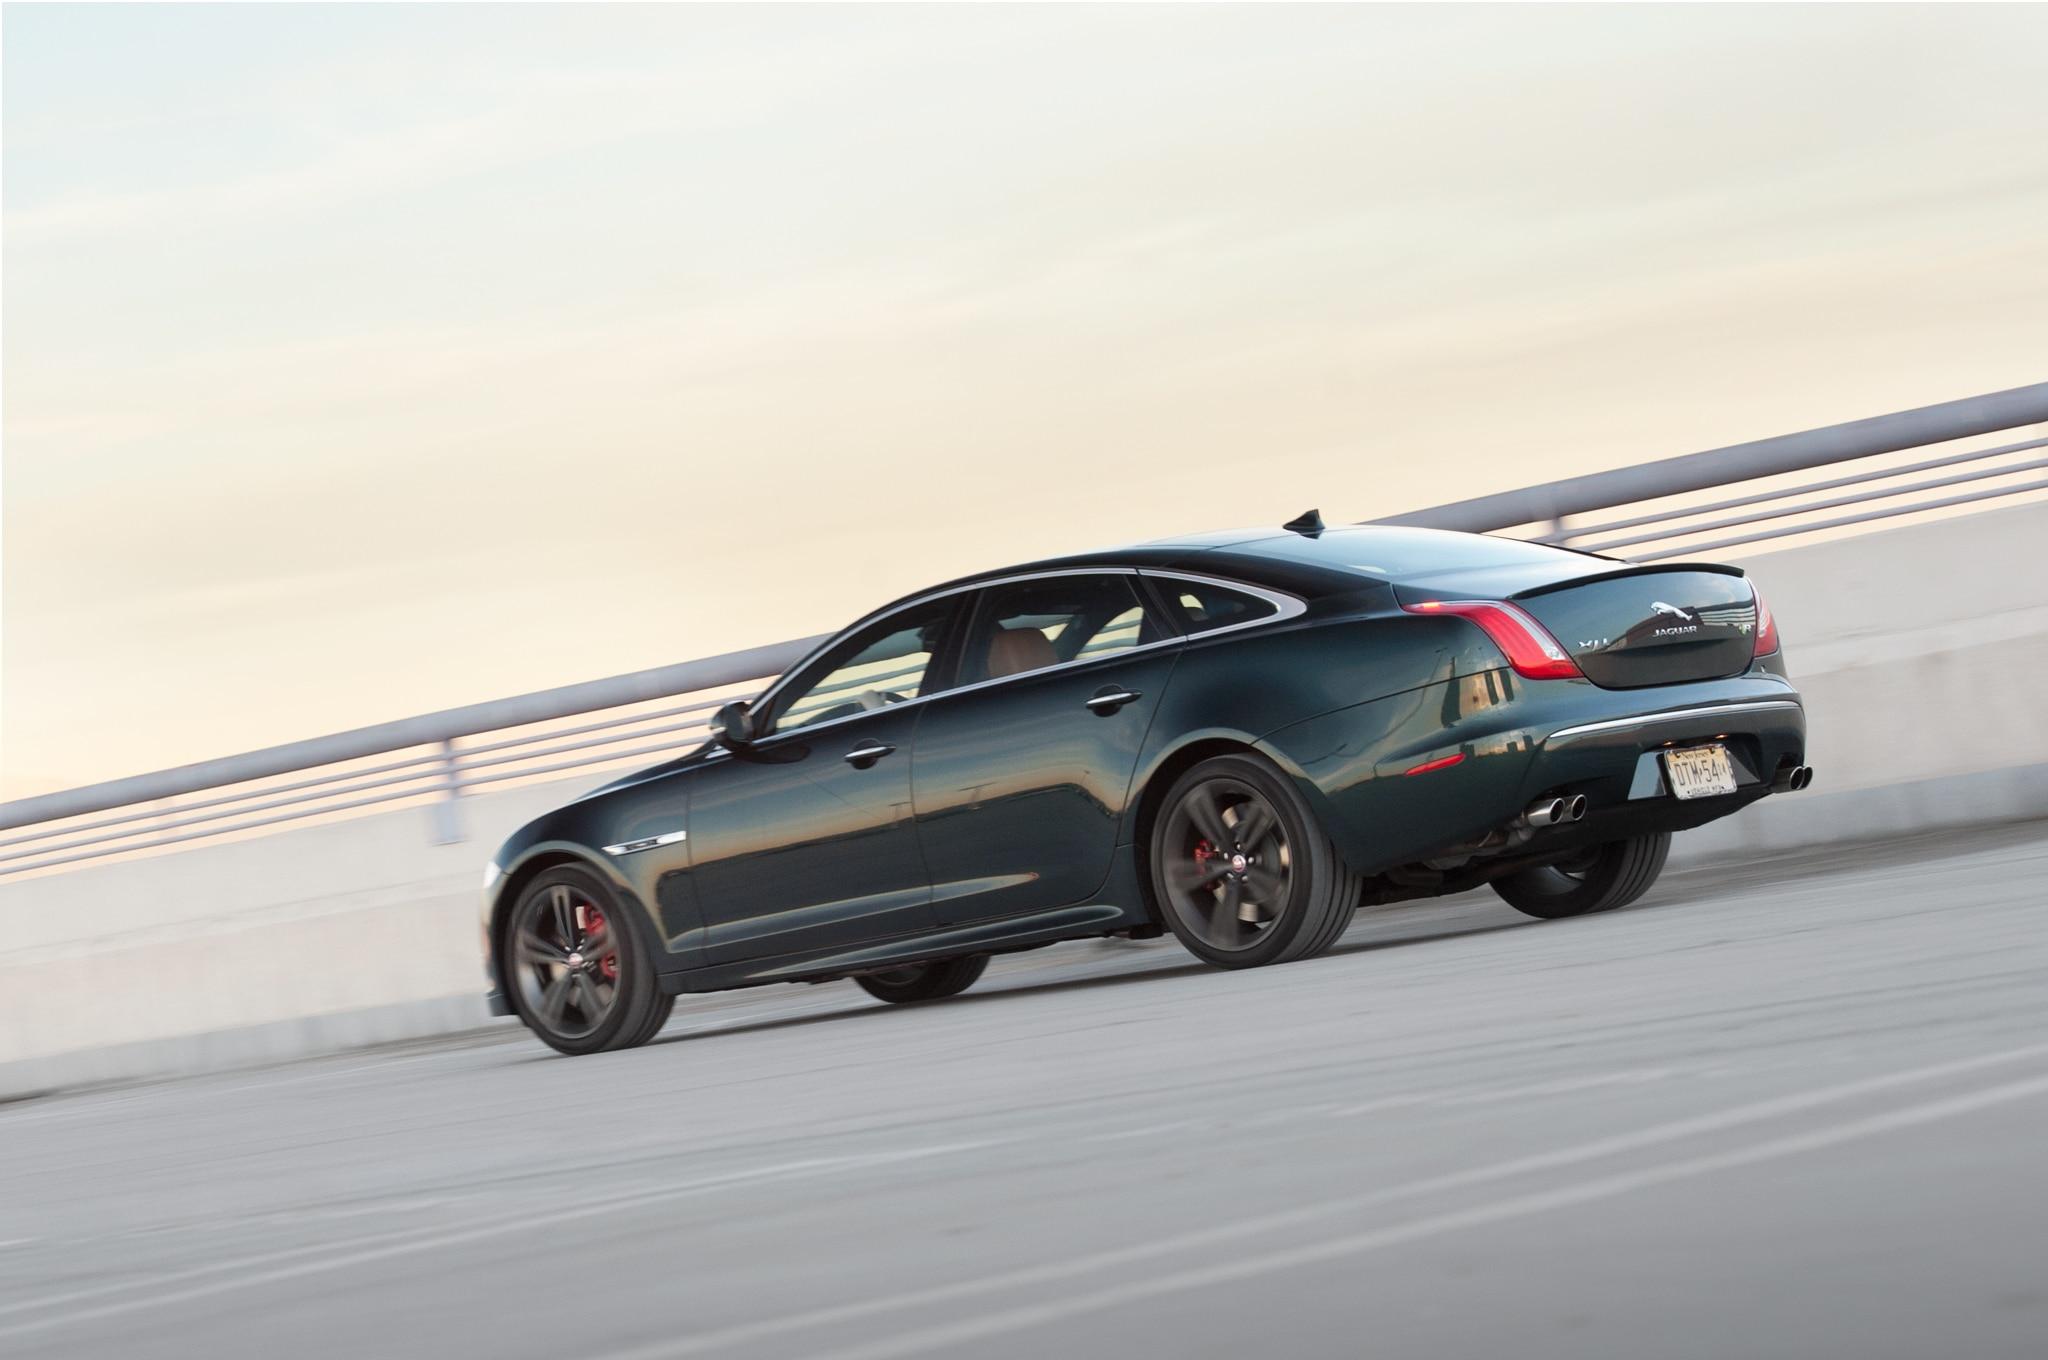 2014 Jaguar XJR First Drive - Automobile Magazine  2014 Jaguar XJR...